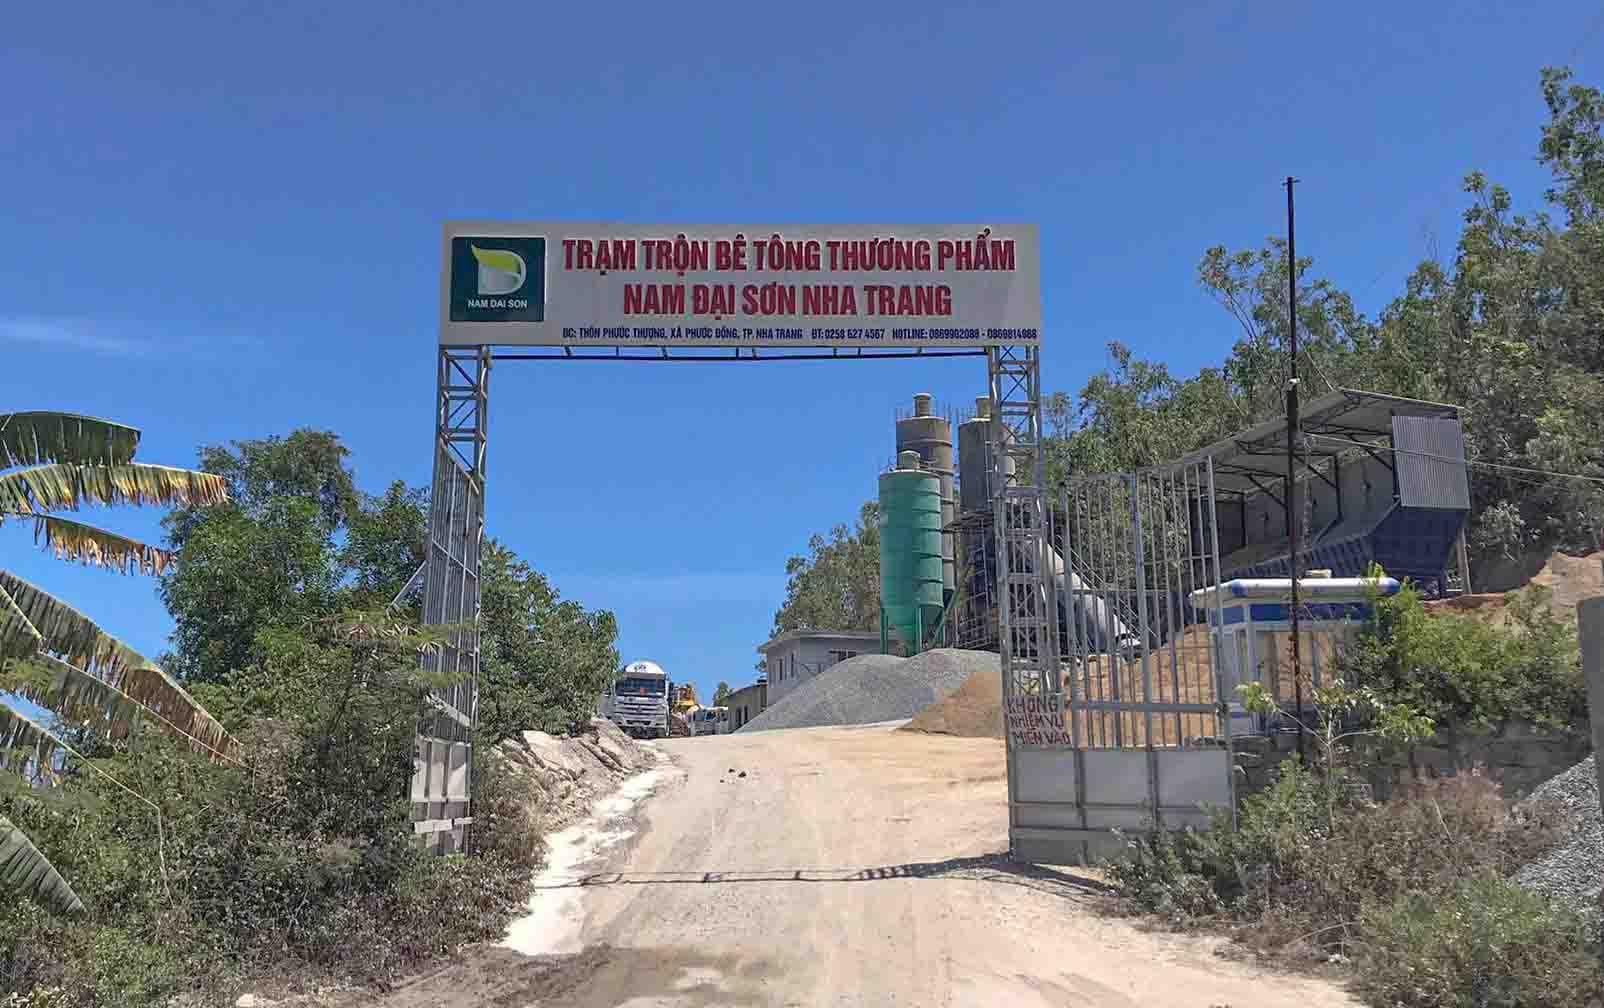 Khánh Hòa: Kiến nghị cưỡng chế tháo dỡ trạm trộn bê tông Công ty Eden